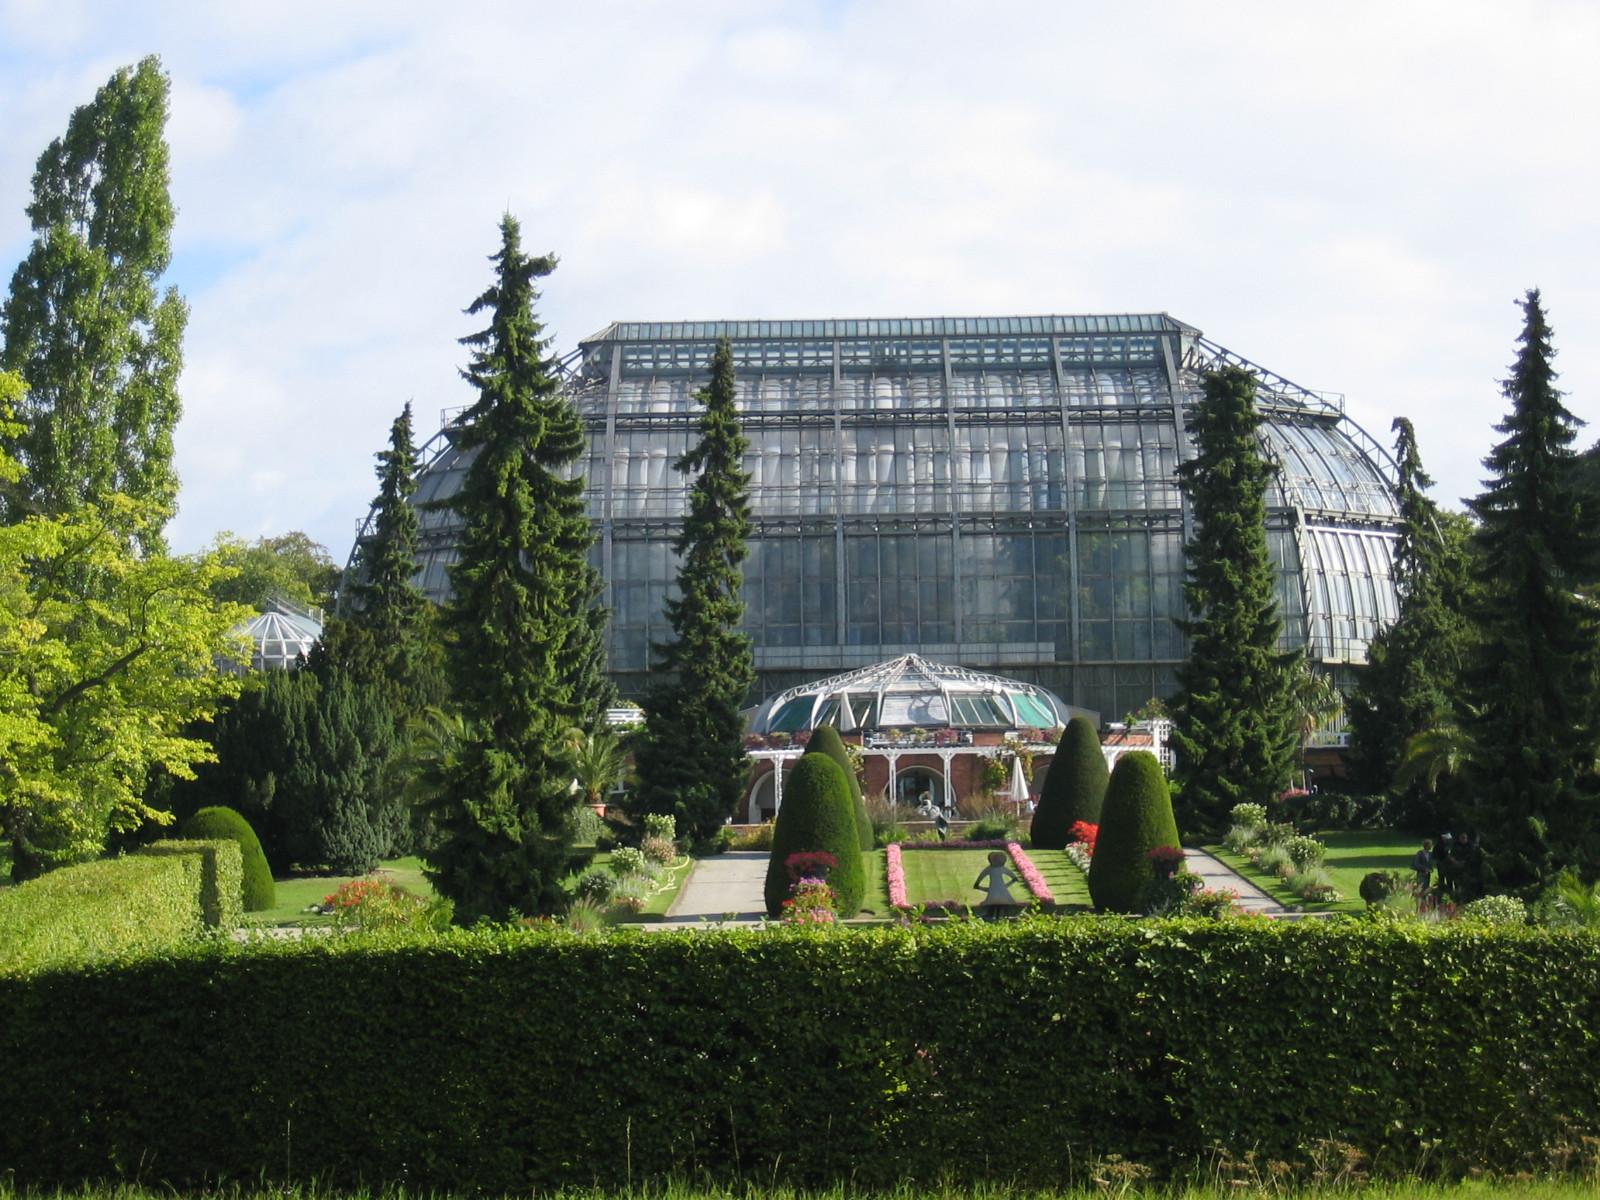 Garten Berlin  File Gewaechshaus Botanischer Garten Berlin